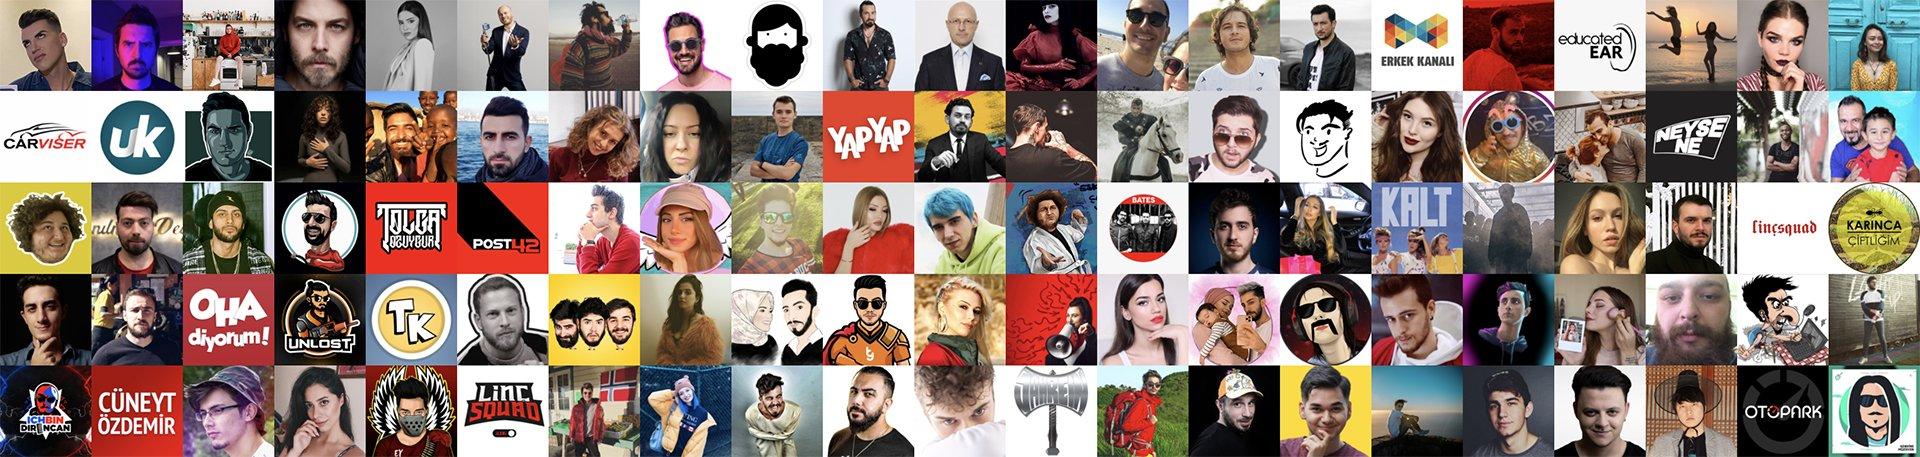 Türkiye' nin Influencer Veritabanı Açıldı.